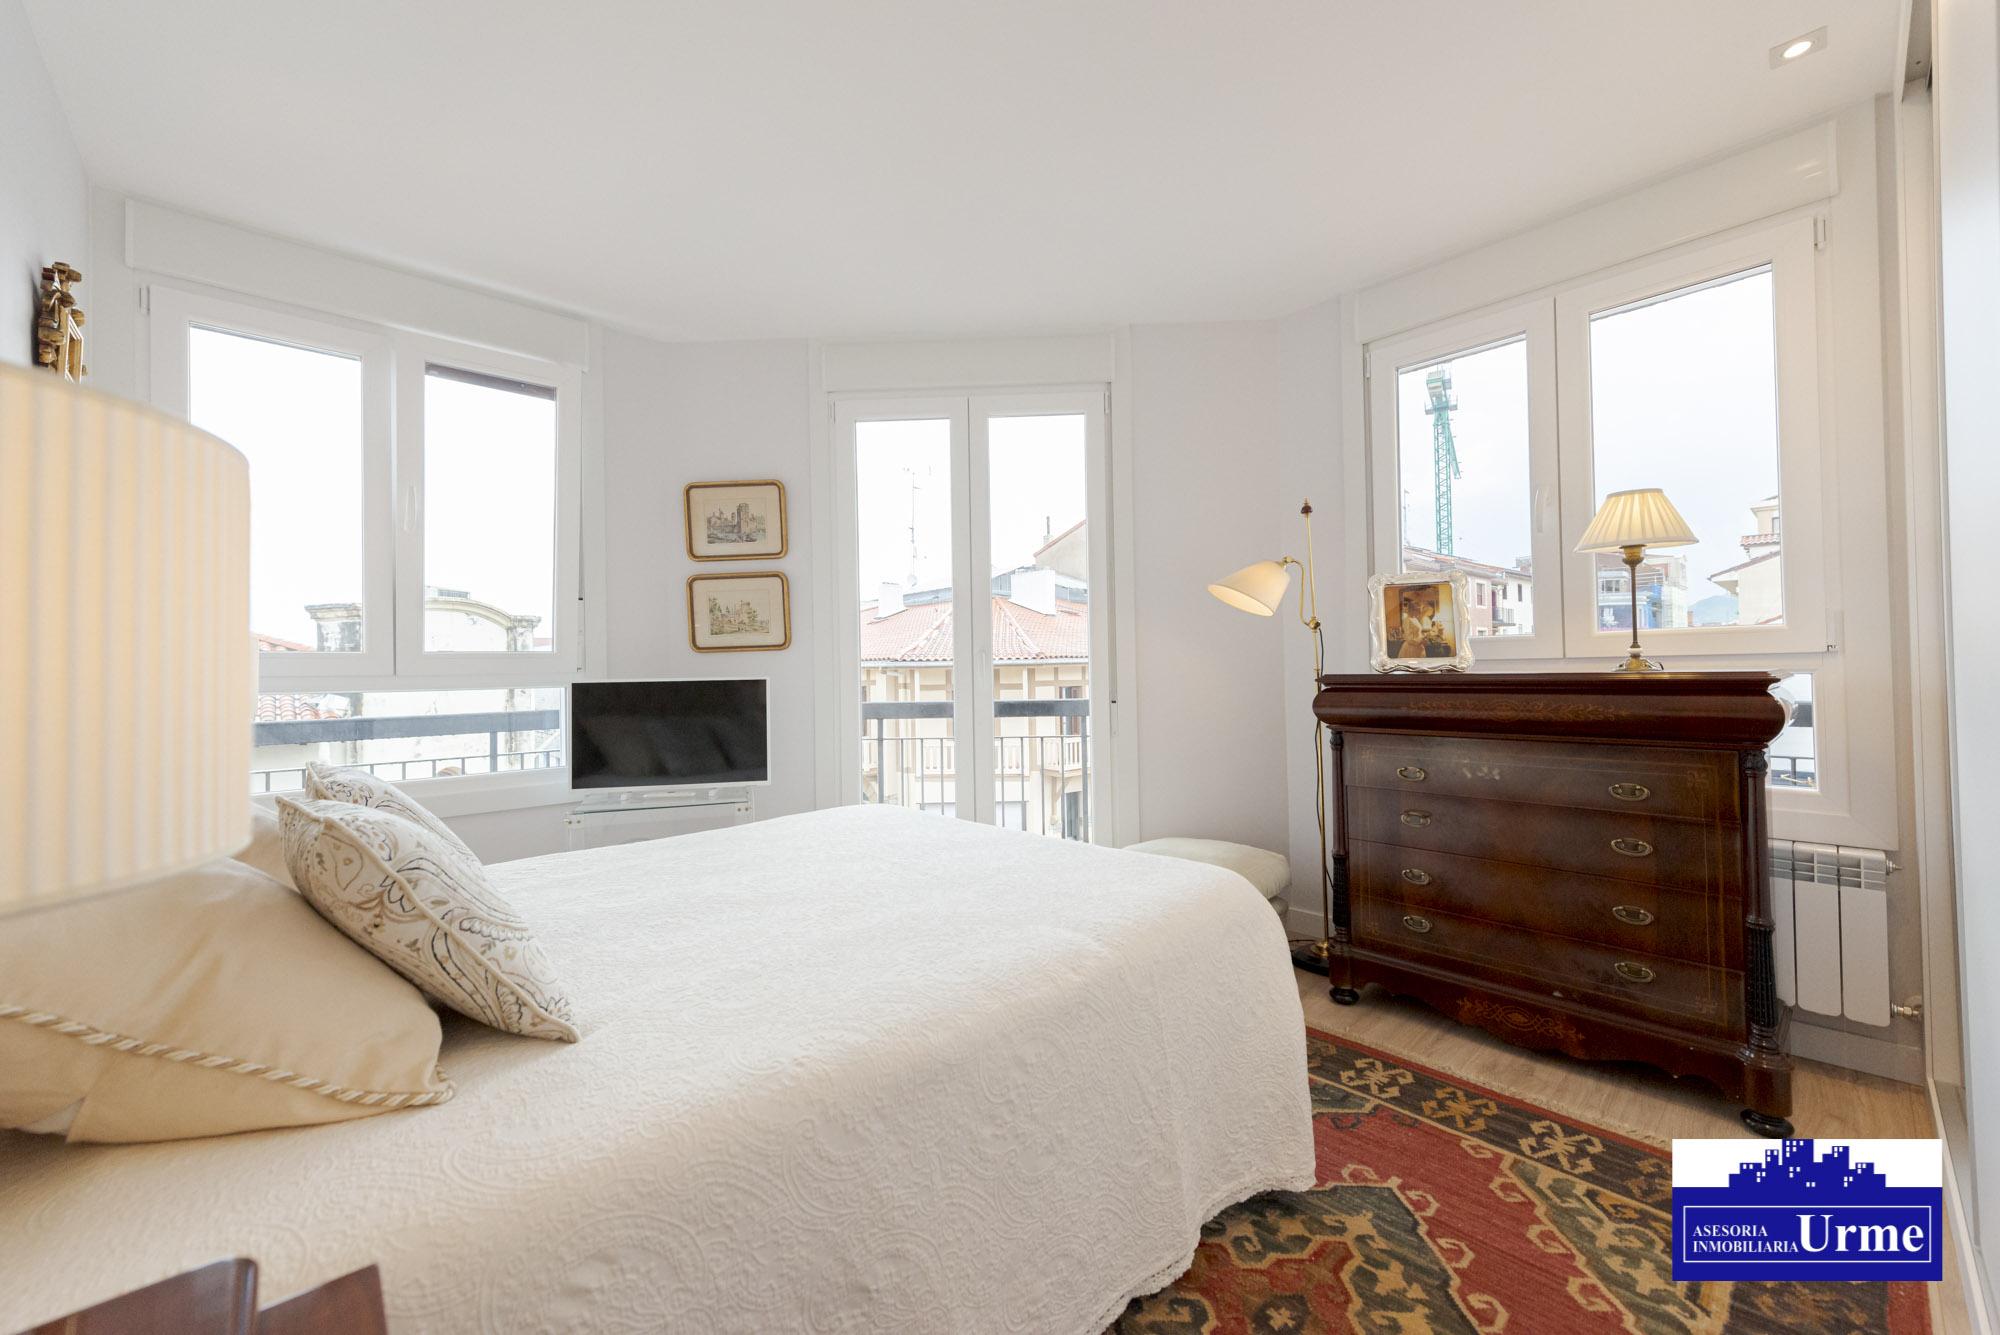 En el centro,piso alto, con ascensor,actualizado, con mucha luz,2 habitaciones,salon,2 habitaciones con ventanas y balcones,muy agradables.Trastero!!